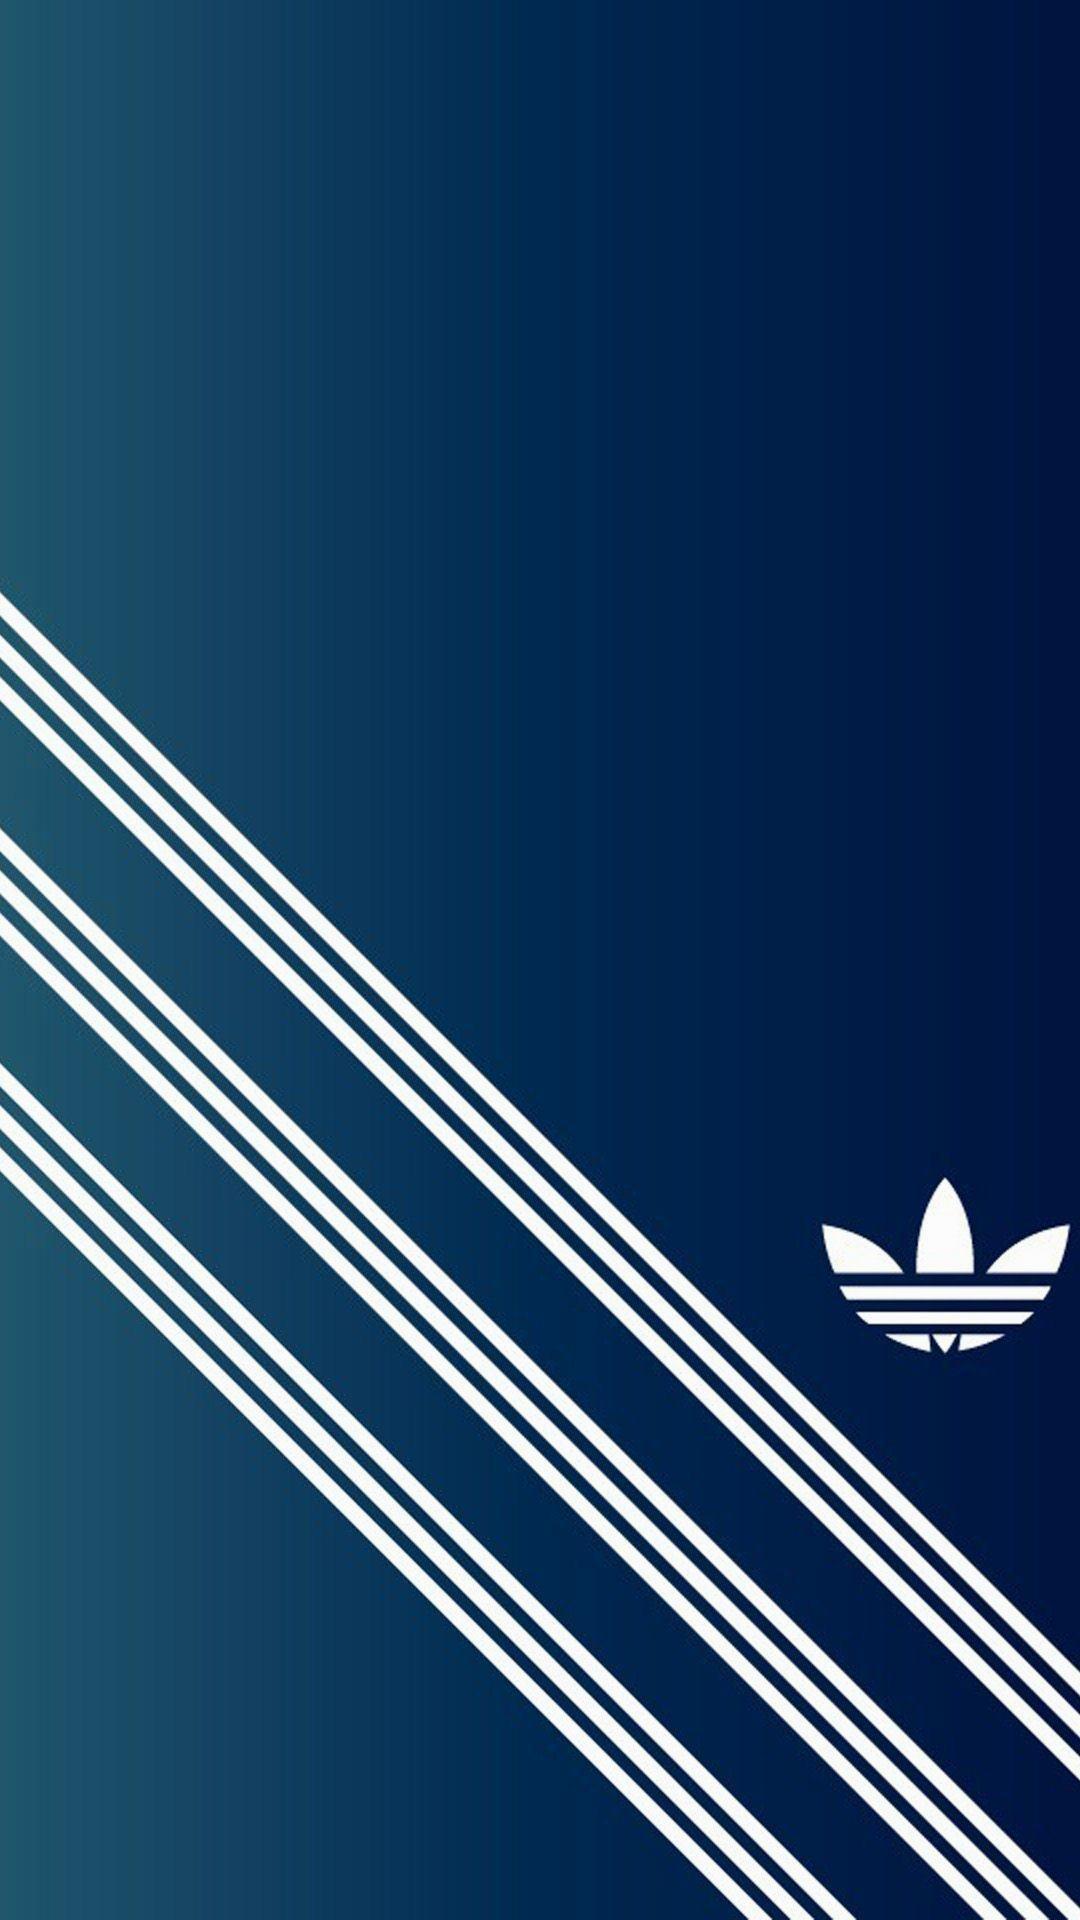 adidas-iphone-hd-wallpaper-wp2401843